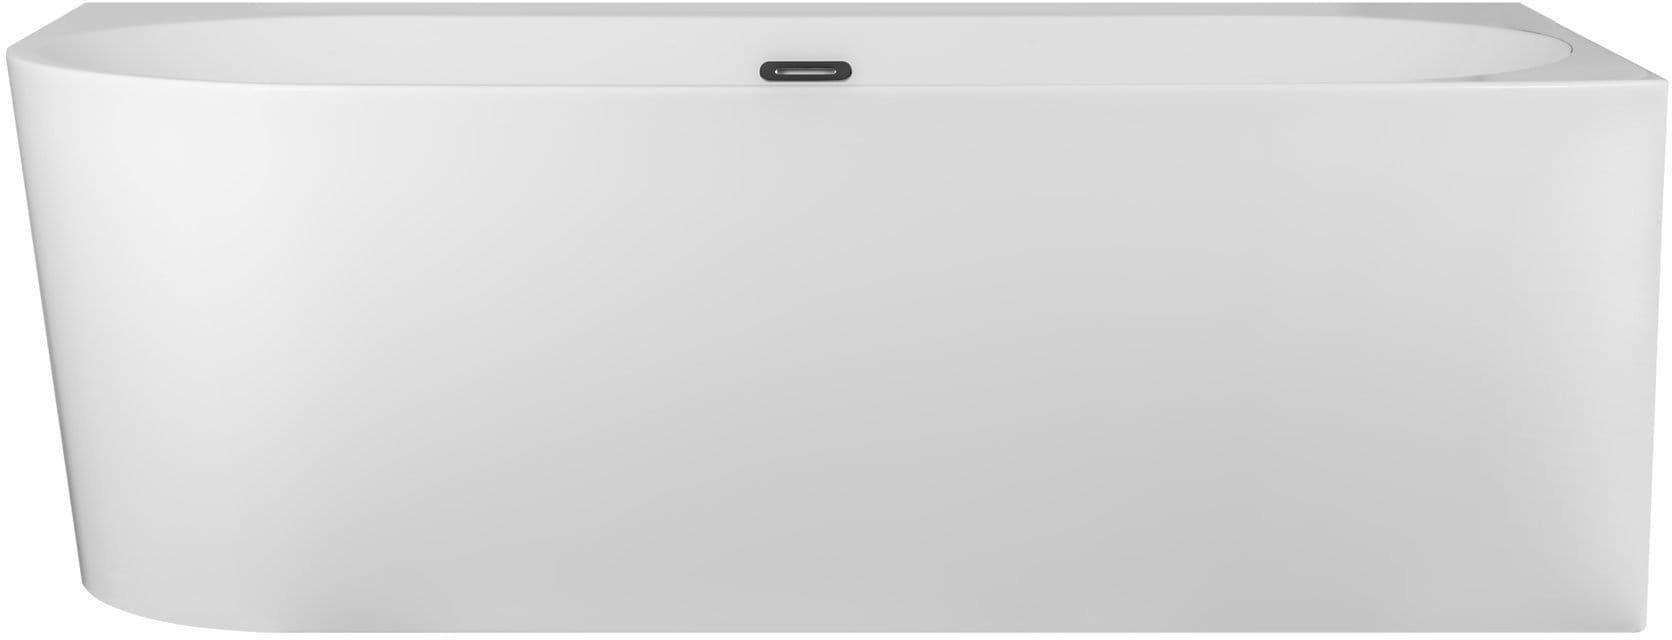 Corsan wanna narożna prawa przyścienna z półką akrylowa INTERO 170 x 80 cm E240XLP + syfon klik-klak/ biała wysyłka 24 h